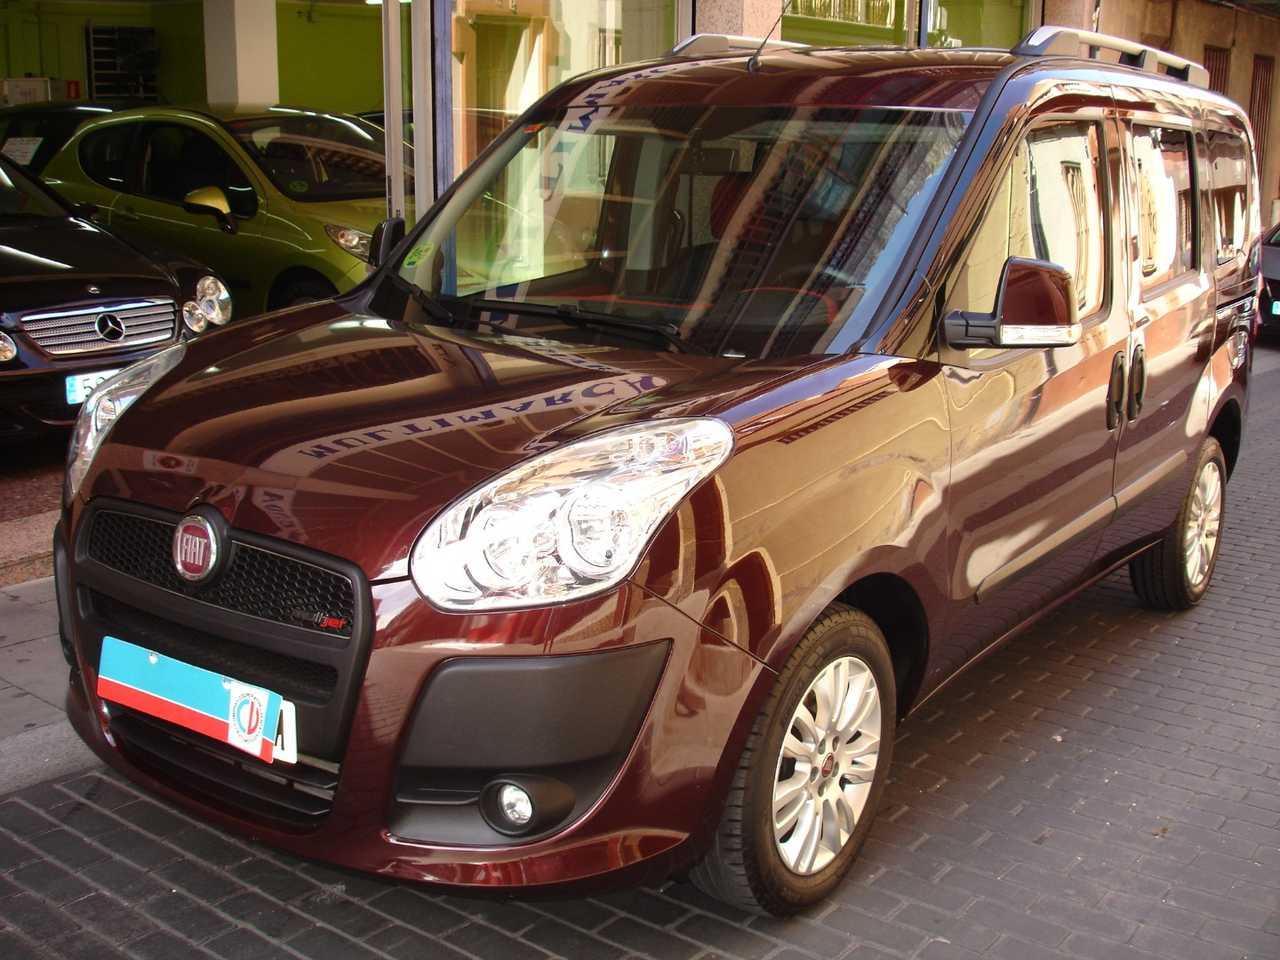 Fiat Doblo Panorama 1.6 JTD PANORAMA 7 PLAZAS   - Foto 1